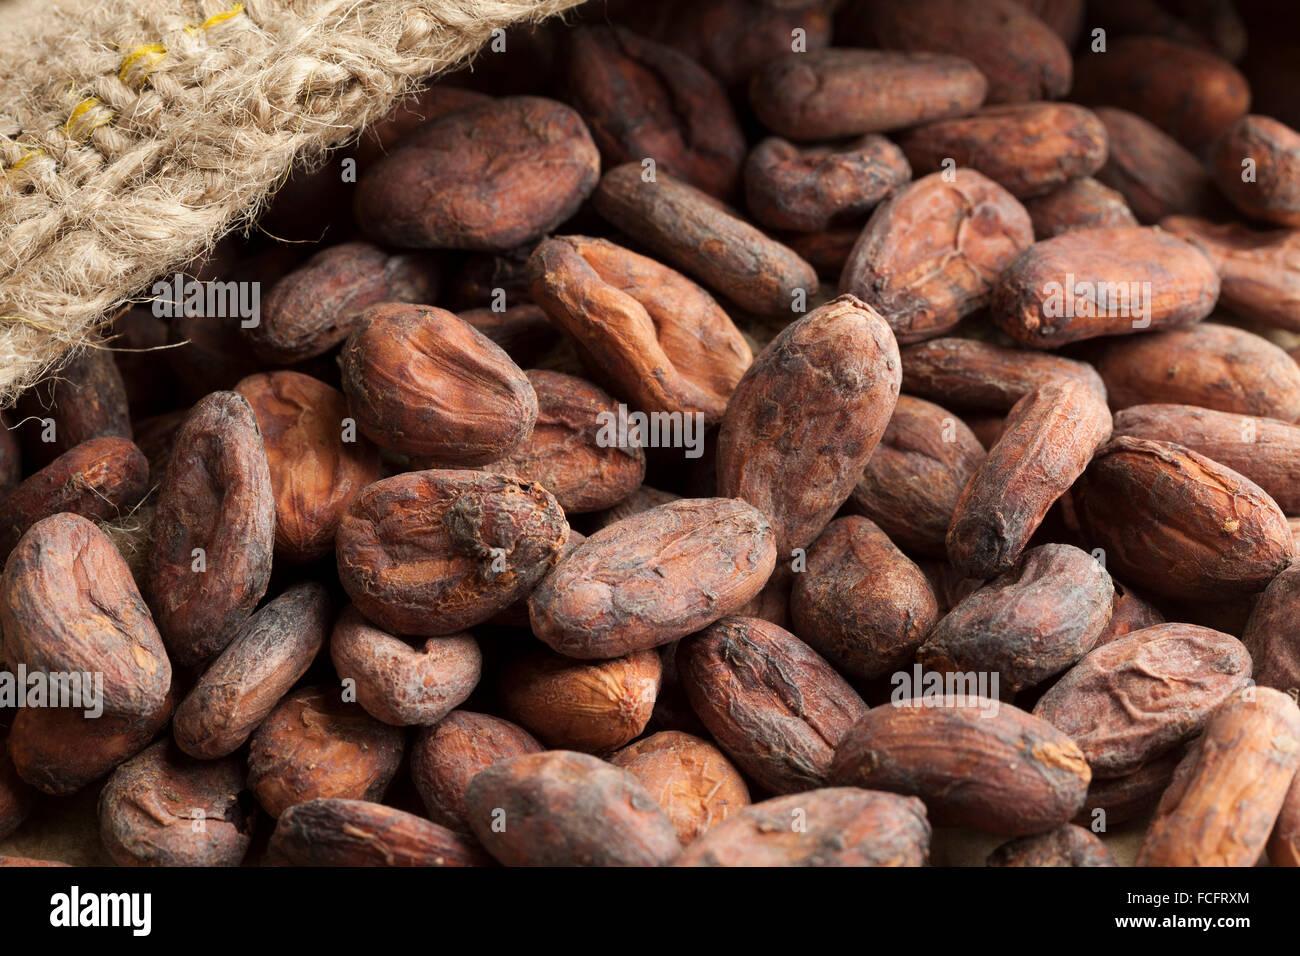 Sac en jute avec plein de fèves de cacao brutes Photo Stock